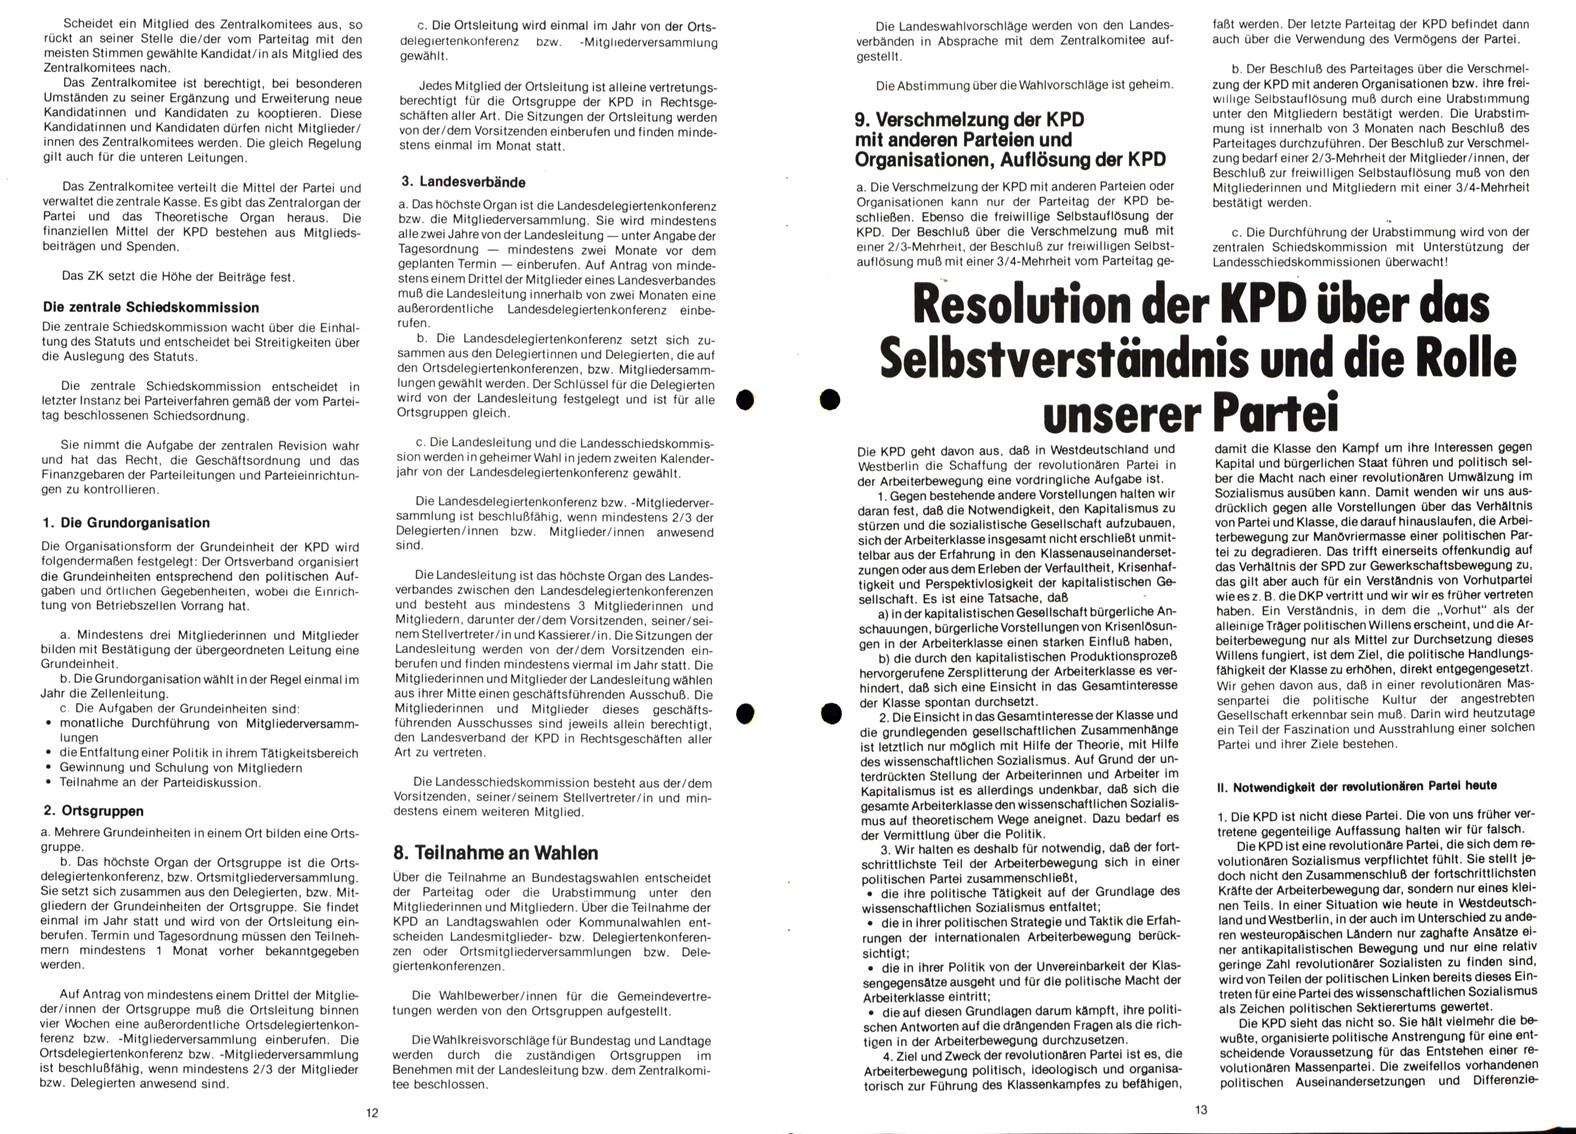 KPDML_1985_Dokumente_vom_Sonderparteitag_07